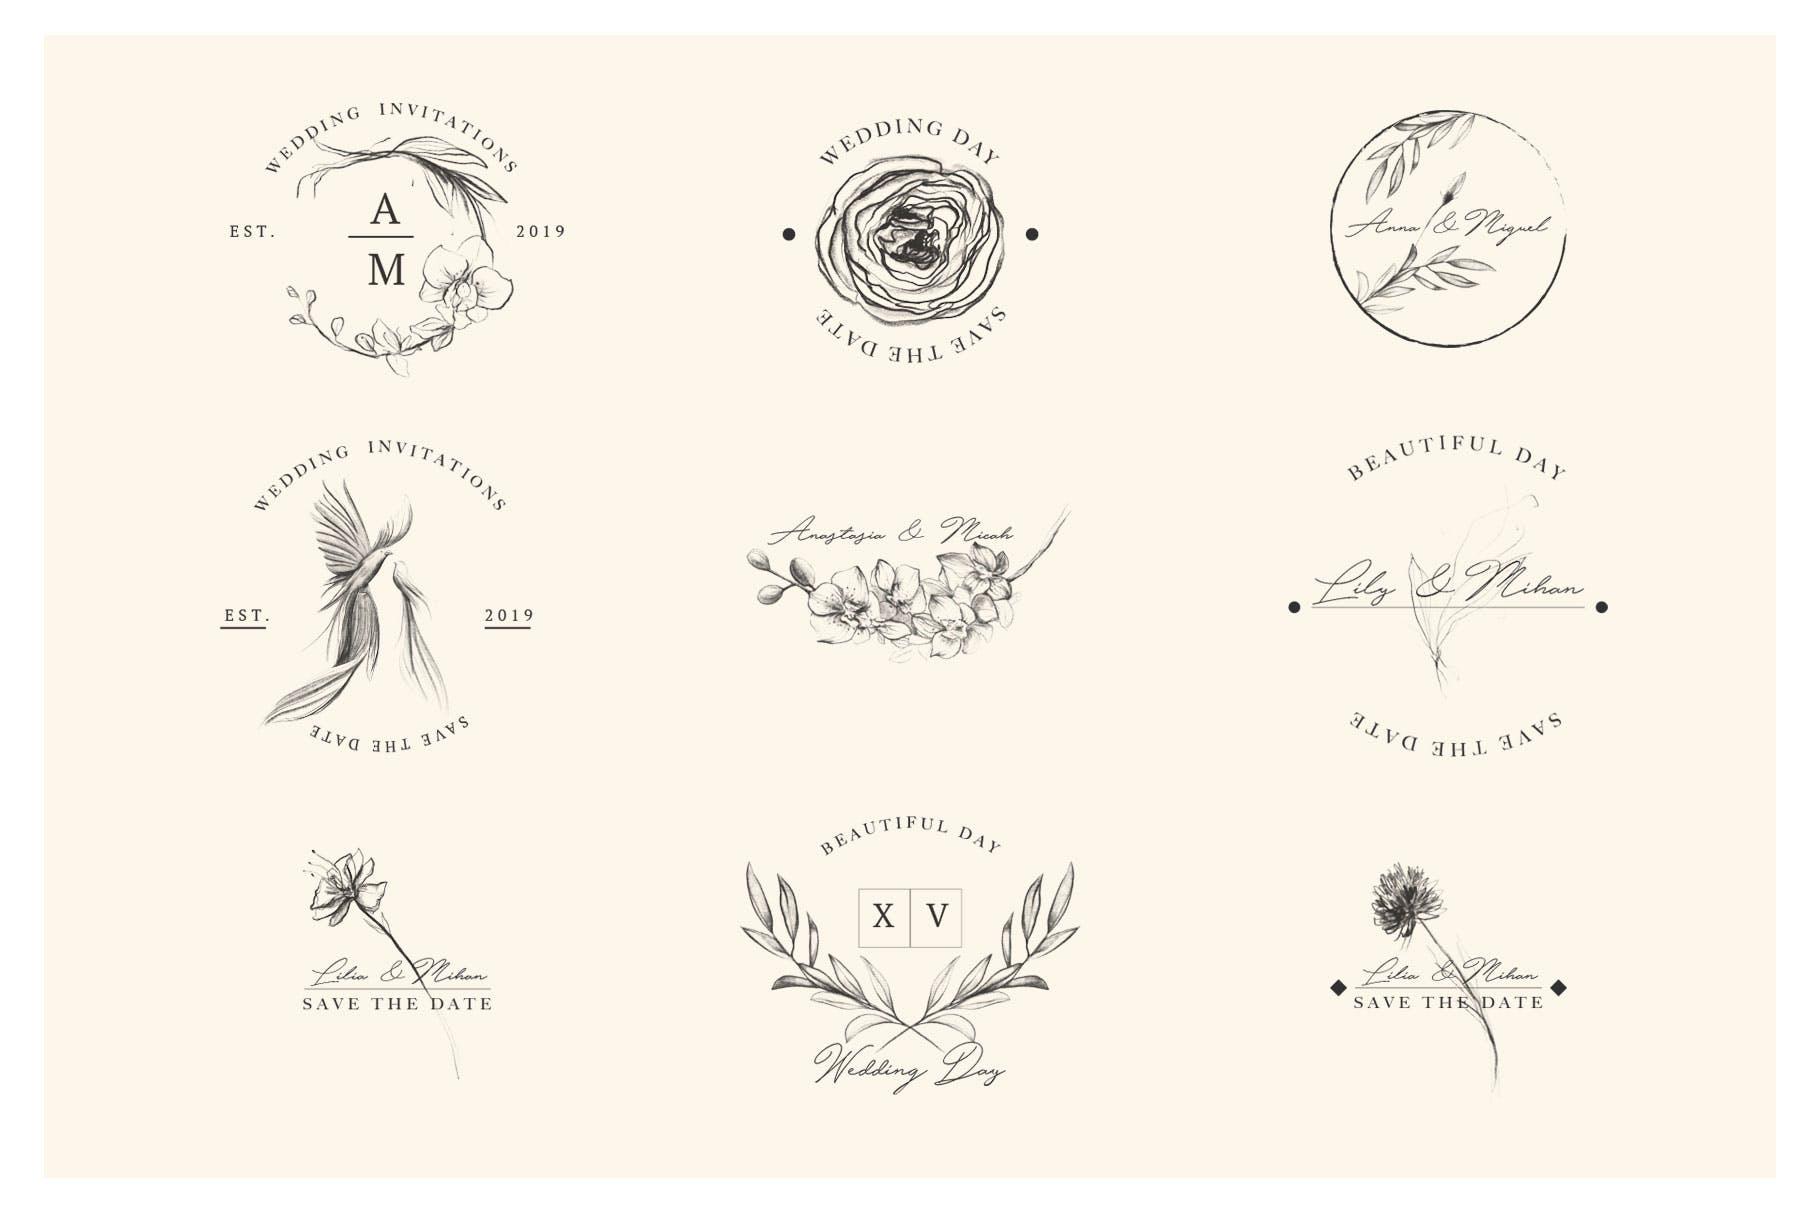 优秀的石墨仿铅笔图形组图案花纹素材Wedding Graphic Logo Pencil Flower插图(6)